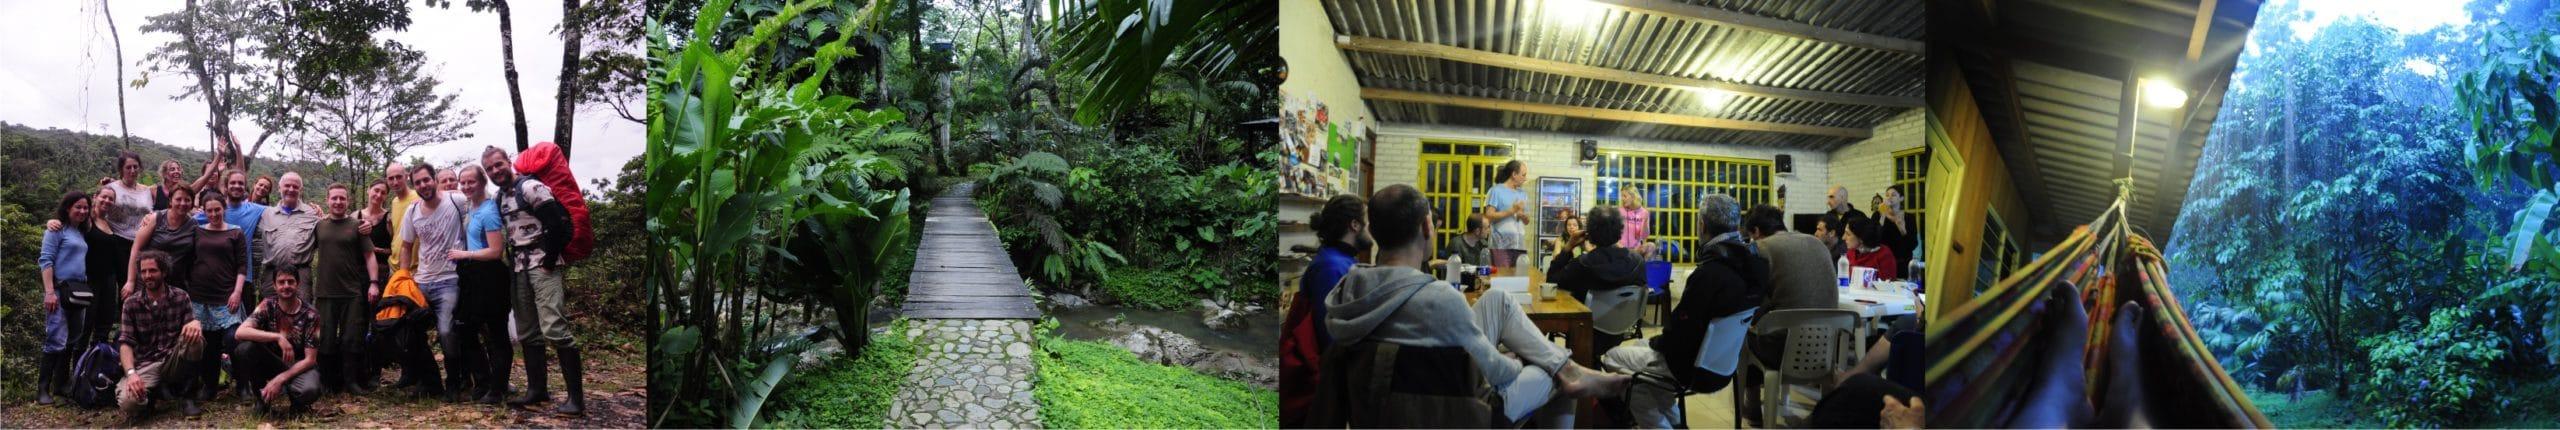 imagenes selva mocoa 3